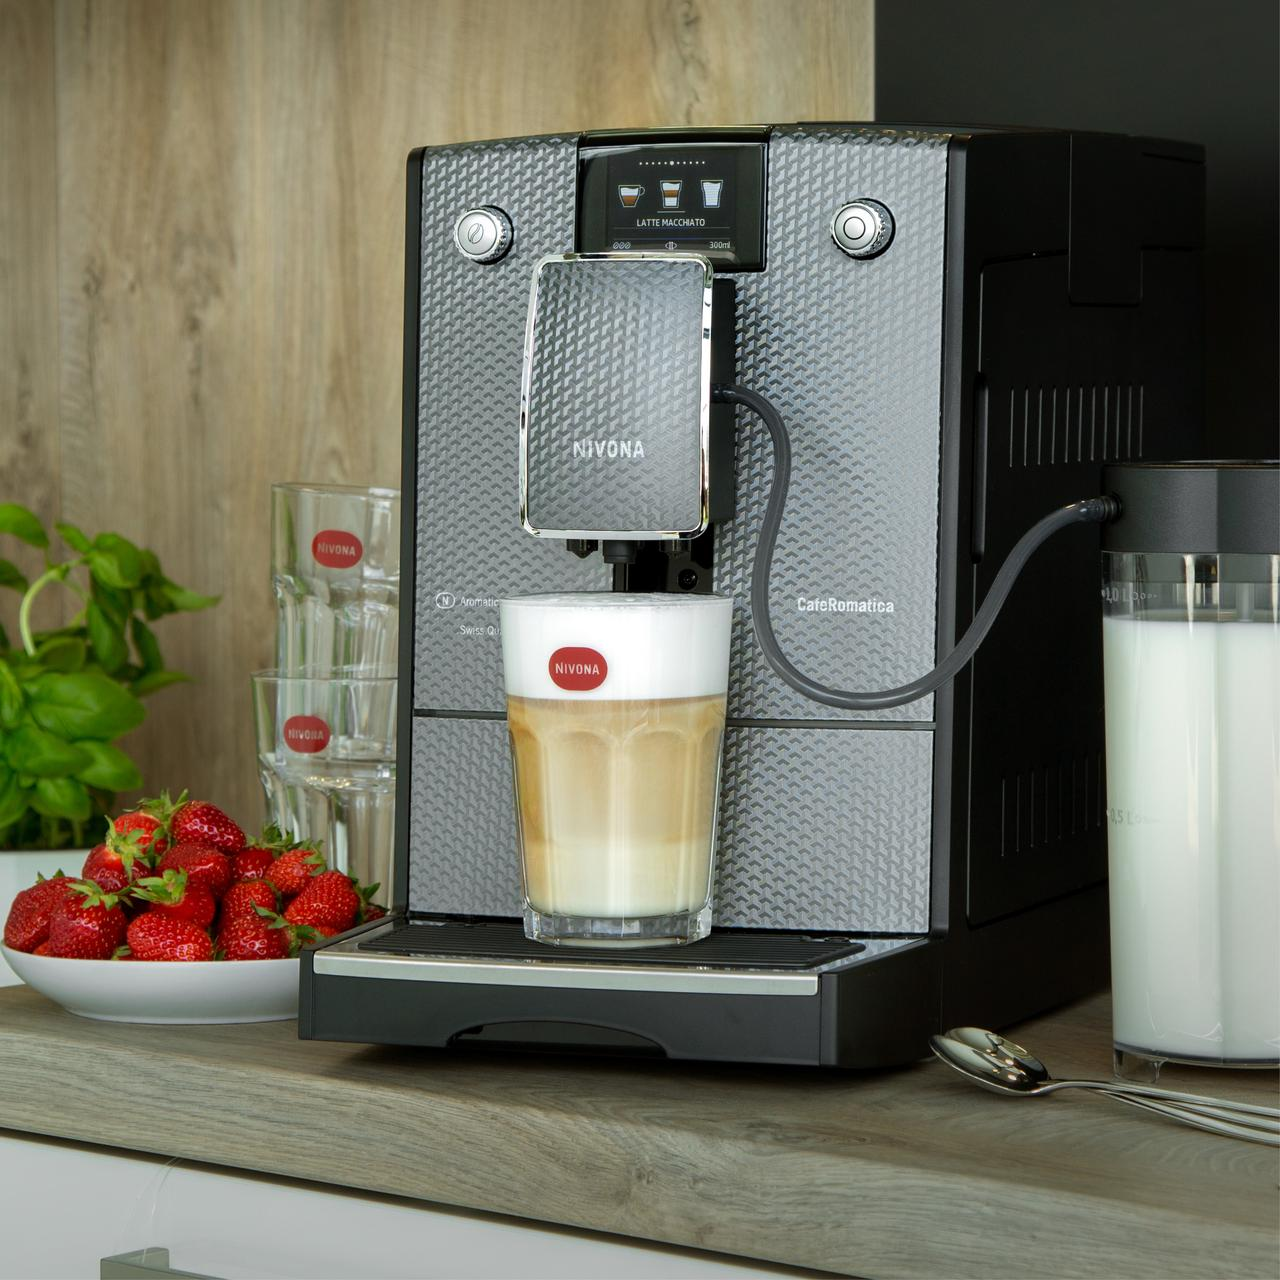 Ремонт и чистка кофемашин (кофеварок) Nivona